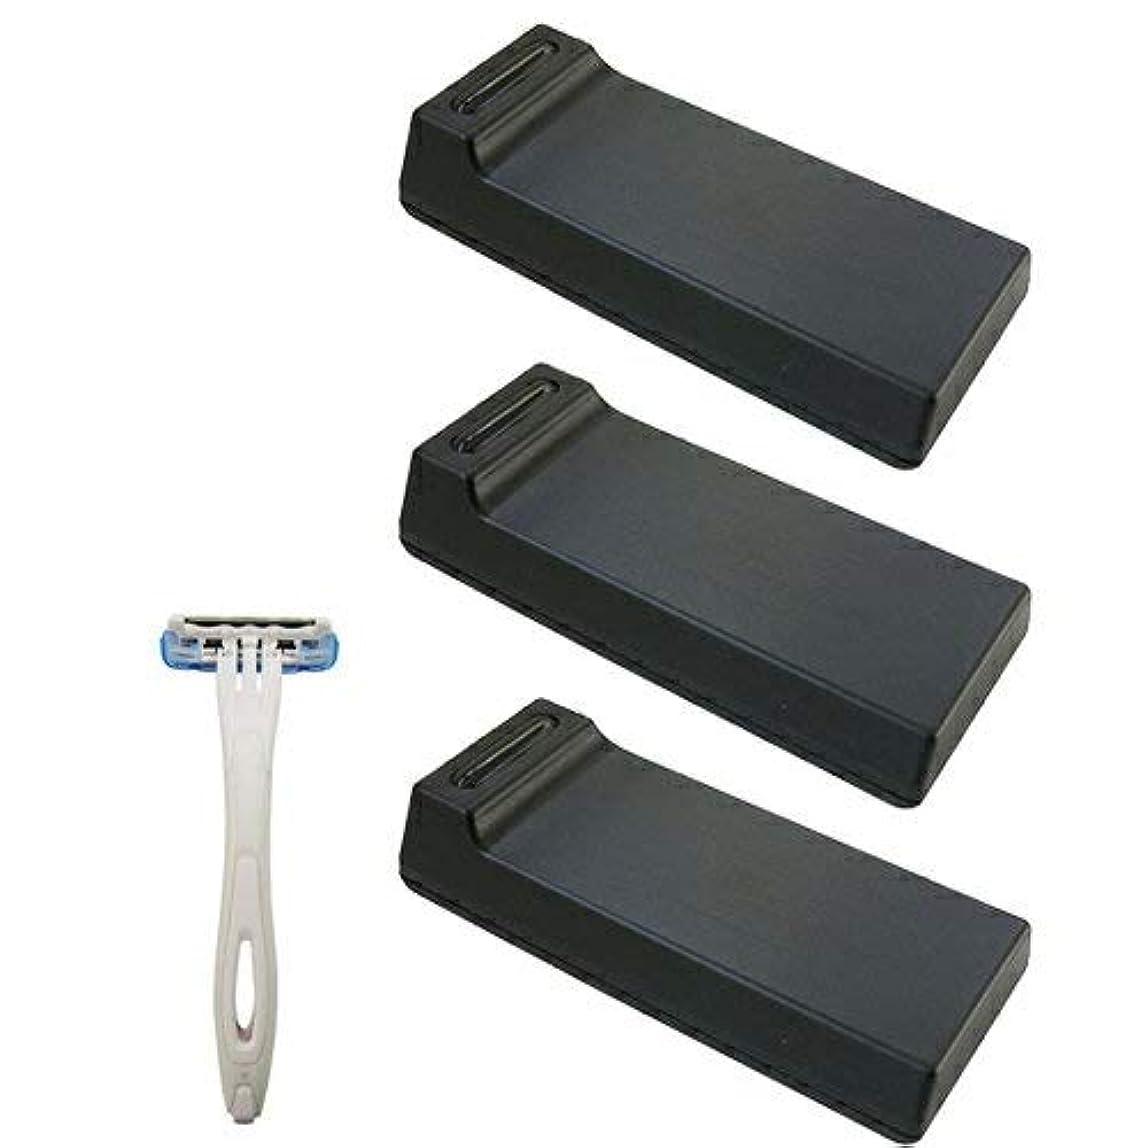 爬虫類葉っぱ間違っている【3個セット】 カミソリ刃クリーナー BladeTech ブレードテック + 貝印 使い捨てカミソリ3枚刃